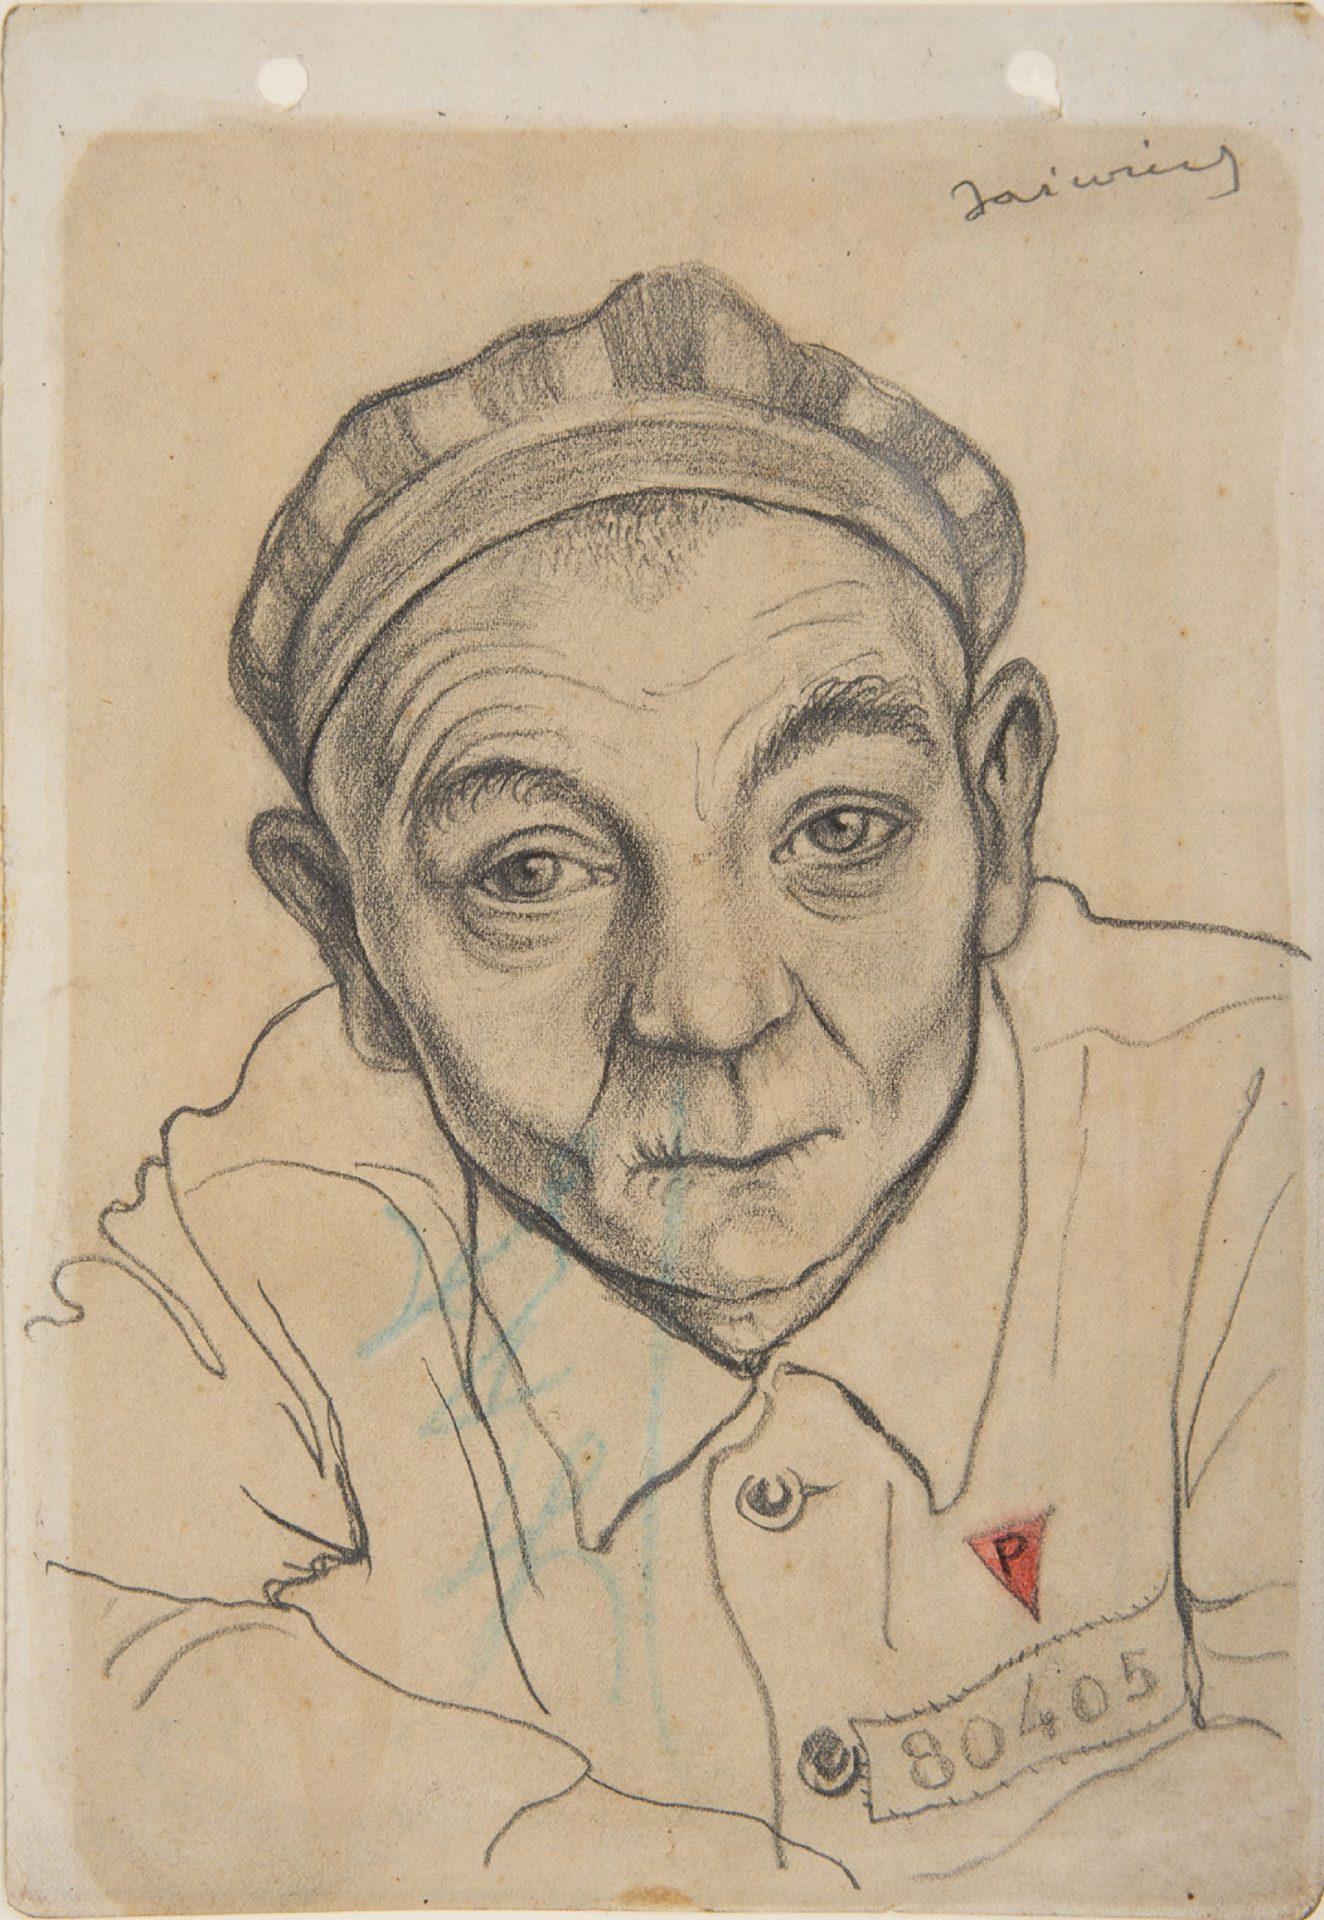 A Portrait of Piotr Kajzer, by Franciszek Jaźwiecki, Buchenwald 1944.